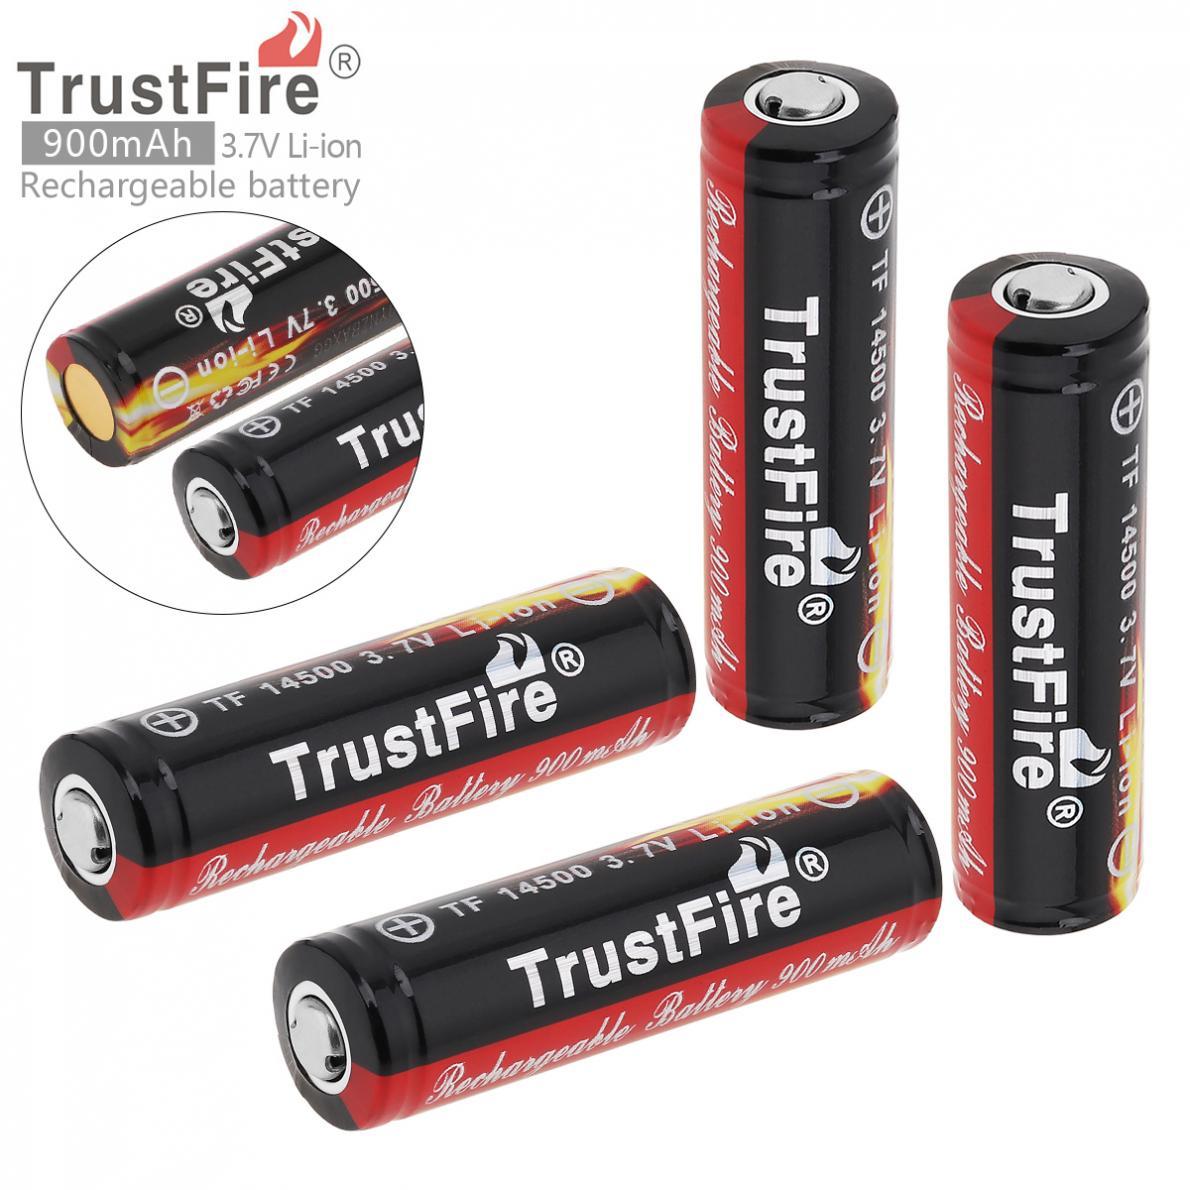 8 piezas, batería TrustFire 14500, 3,7 V, ICR14500, 900mAh (capacidad completa), baterías recargables de iones de litio de alta calidad